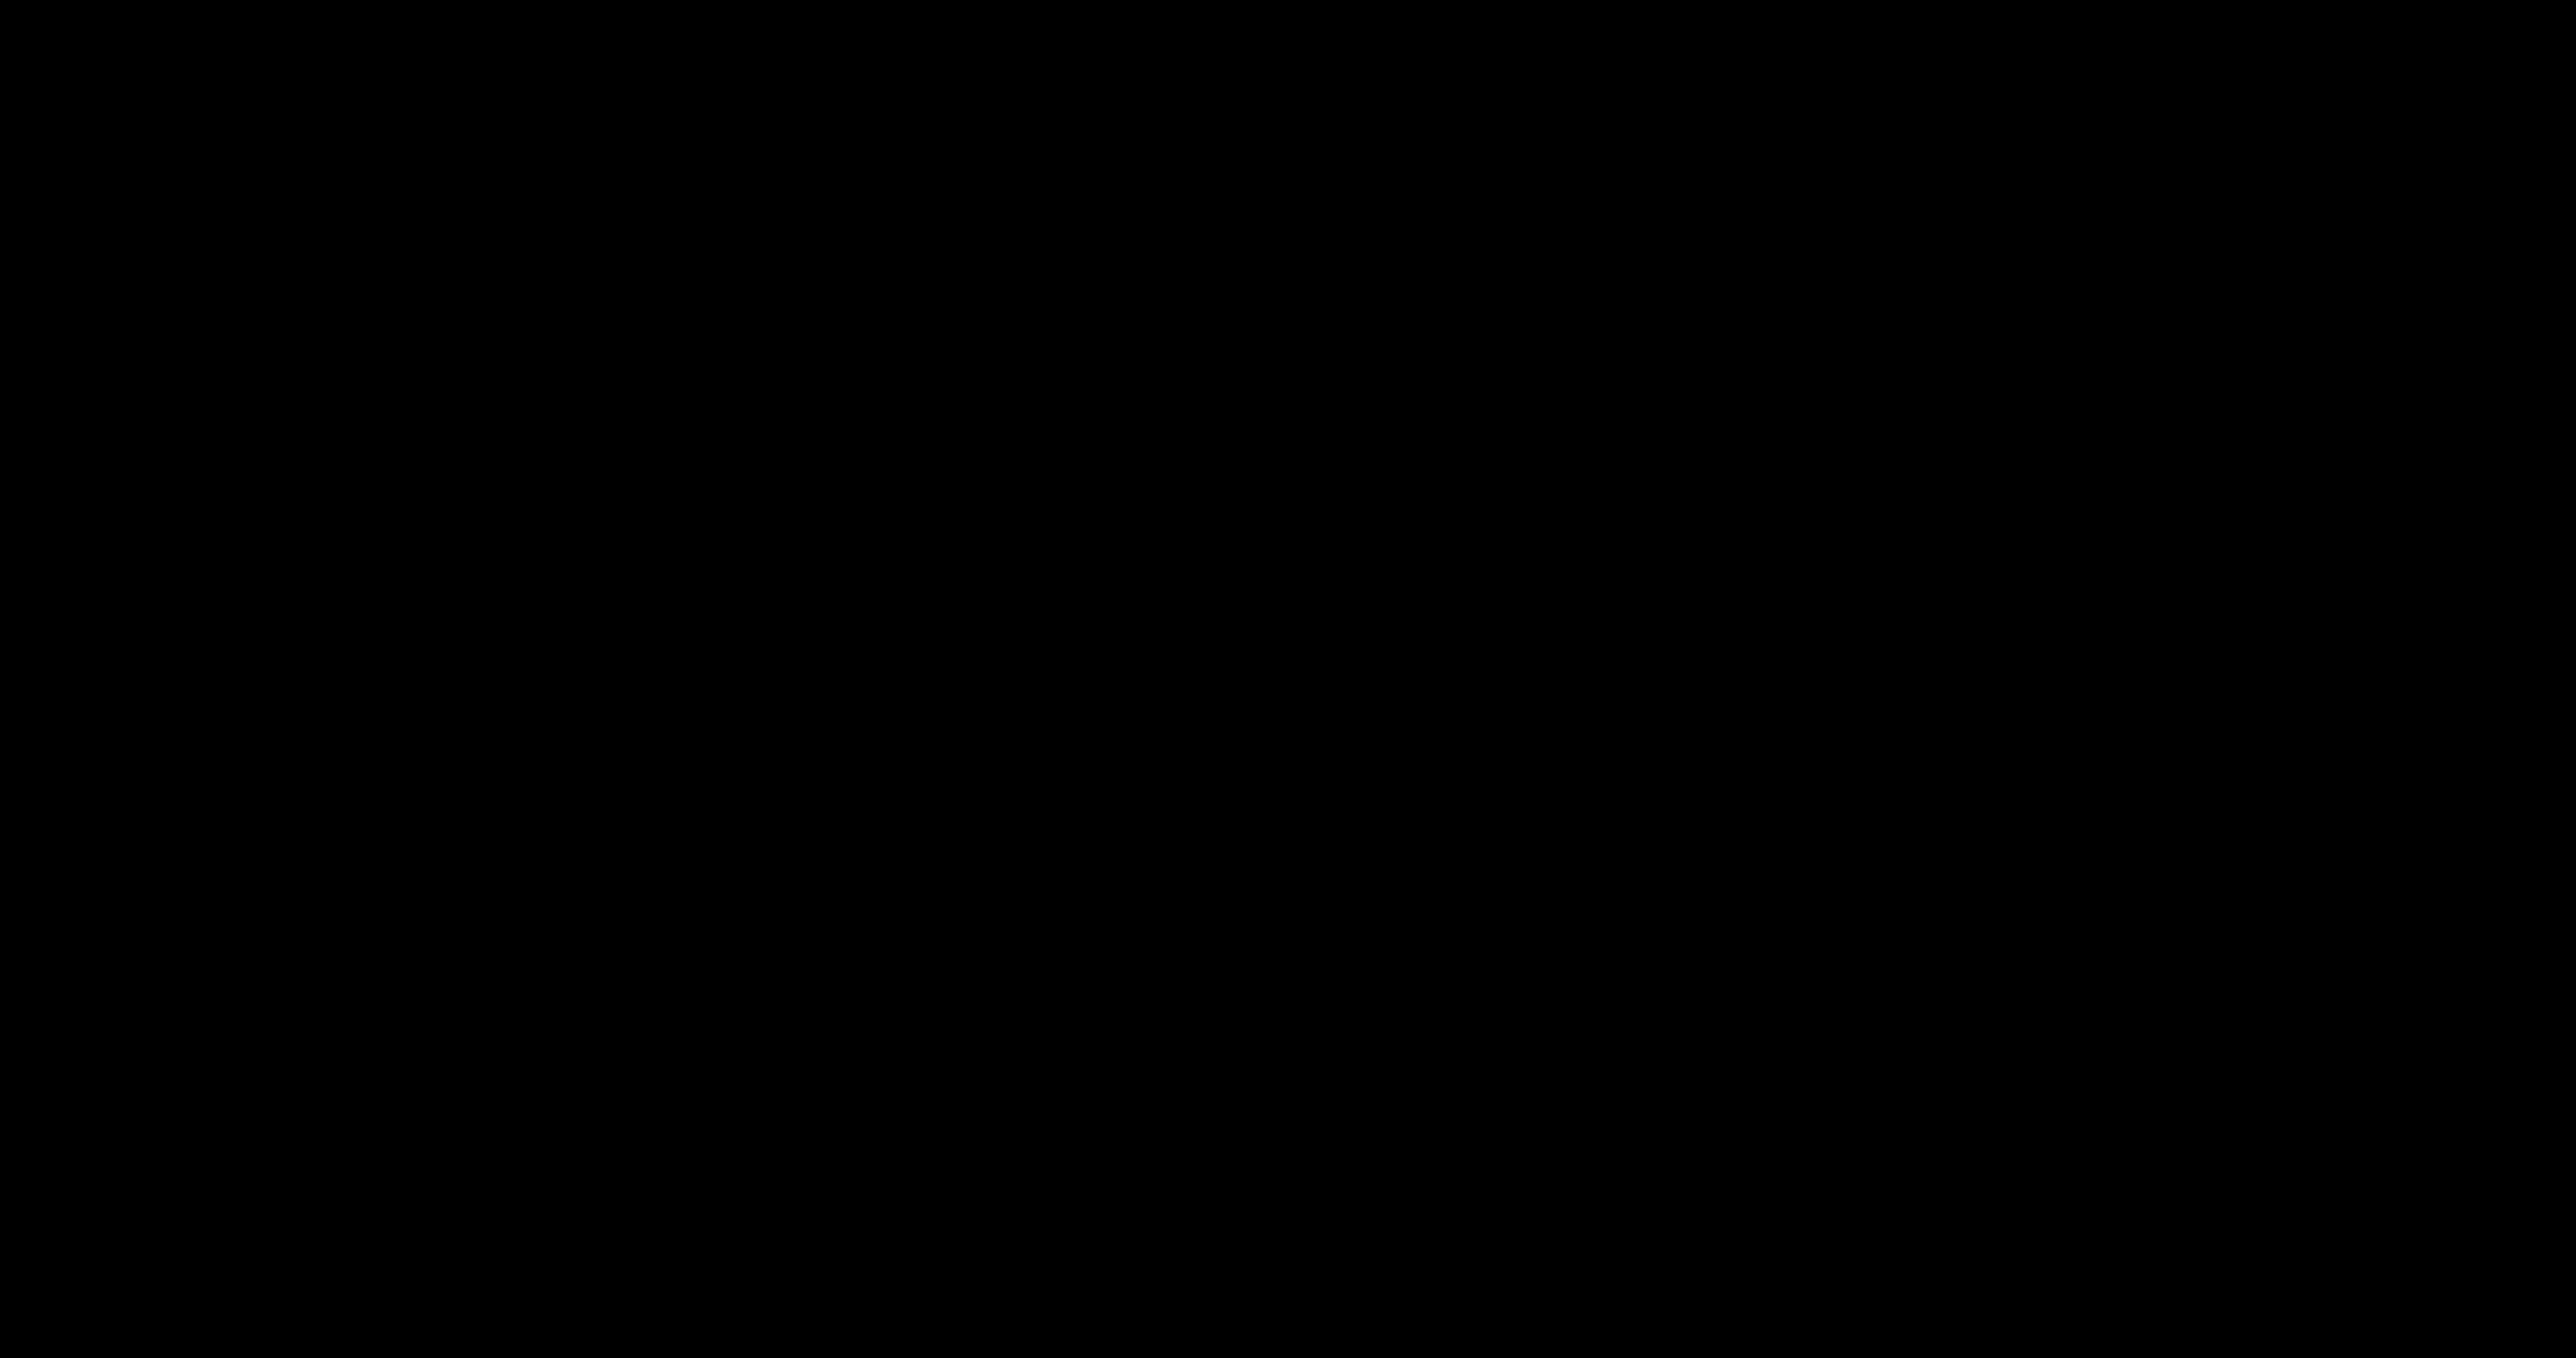 союз беларуси и россии